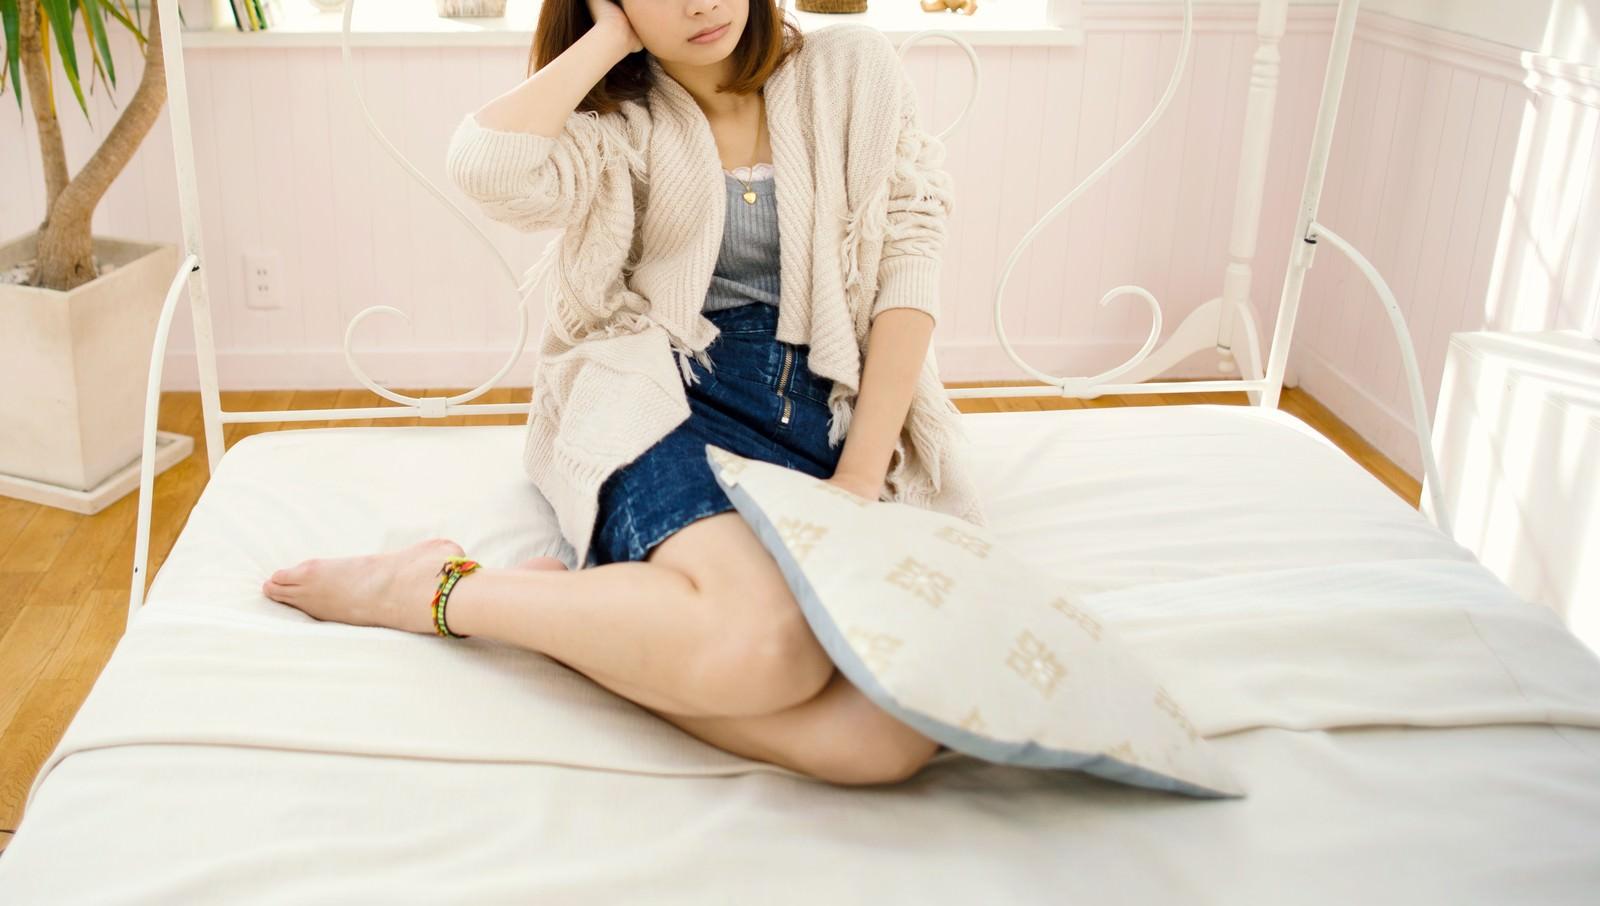 「シャレオツなベッドの上でリラックスする女性シャレオツなベッドの上でリラックスする女性」のフリー写真素材を拡大